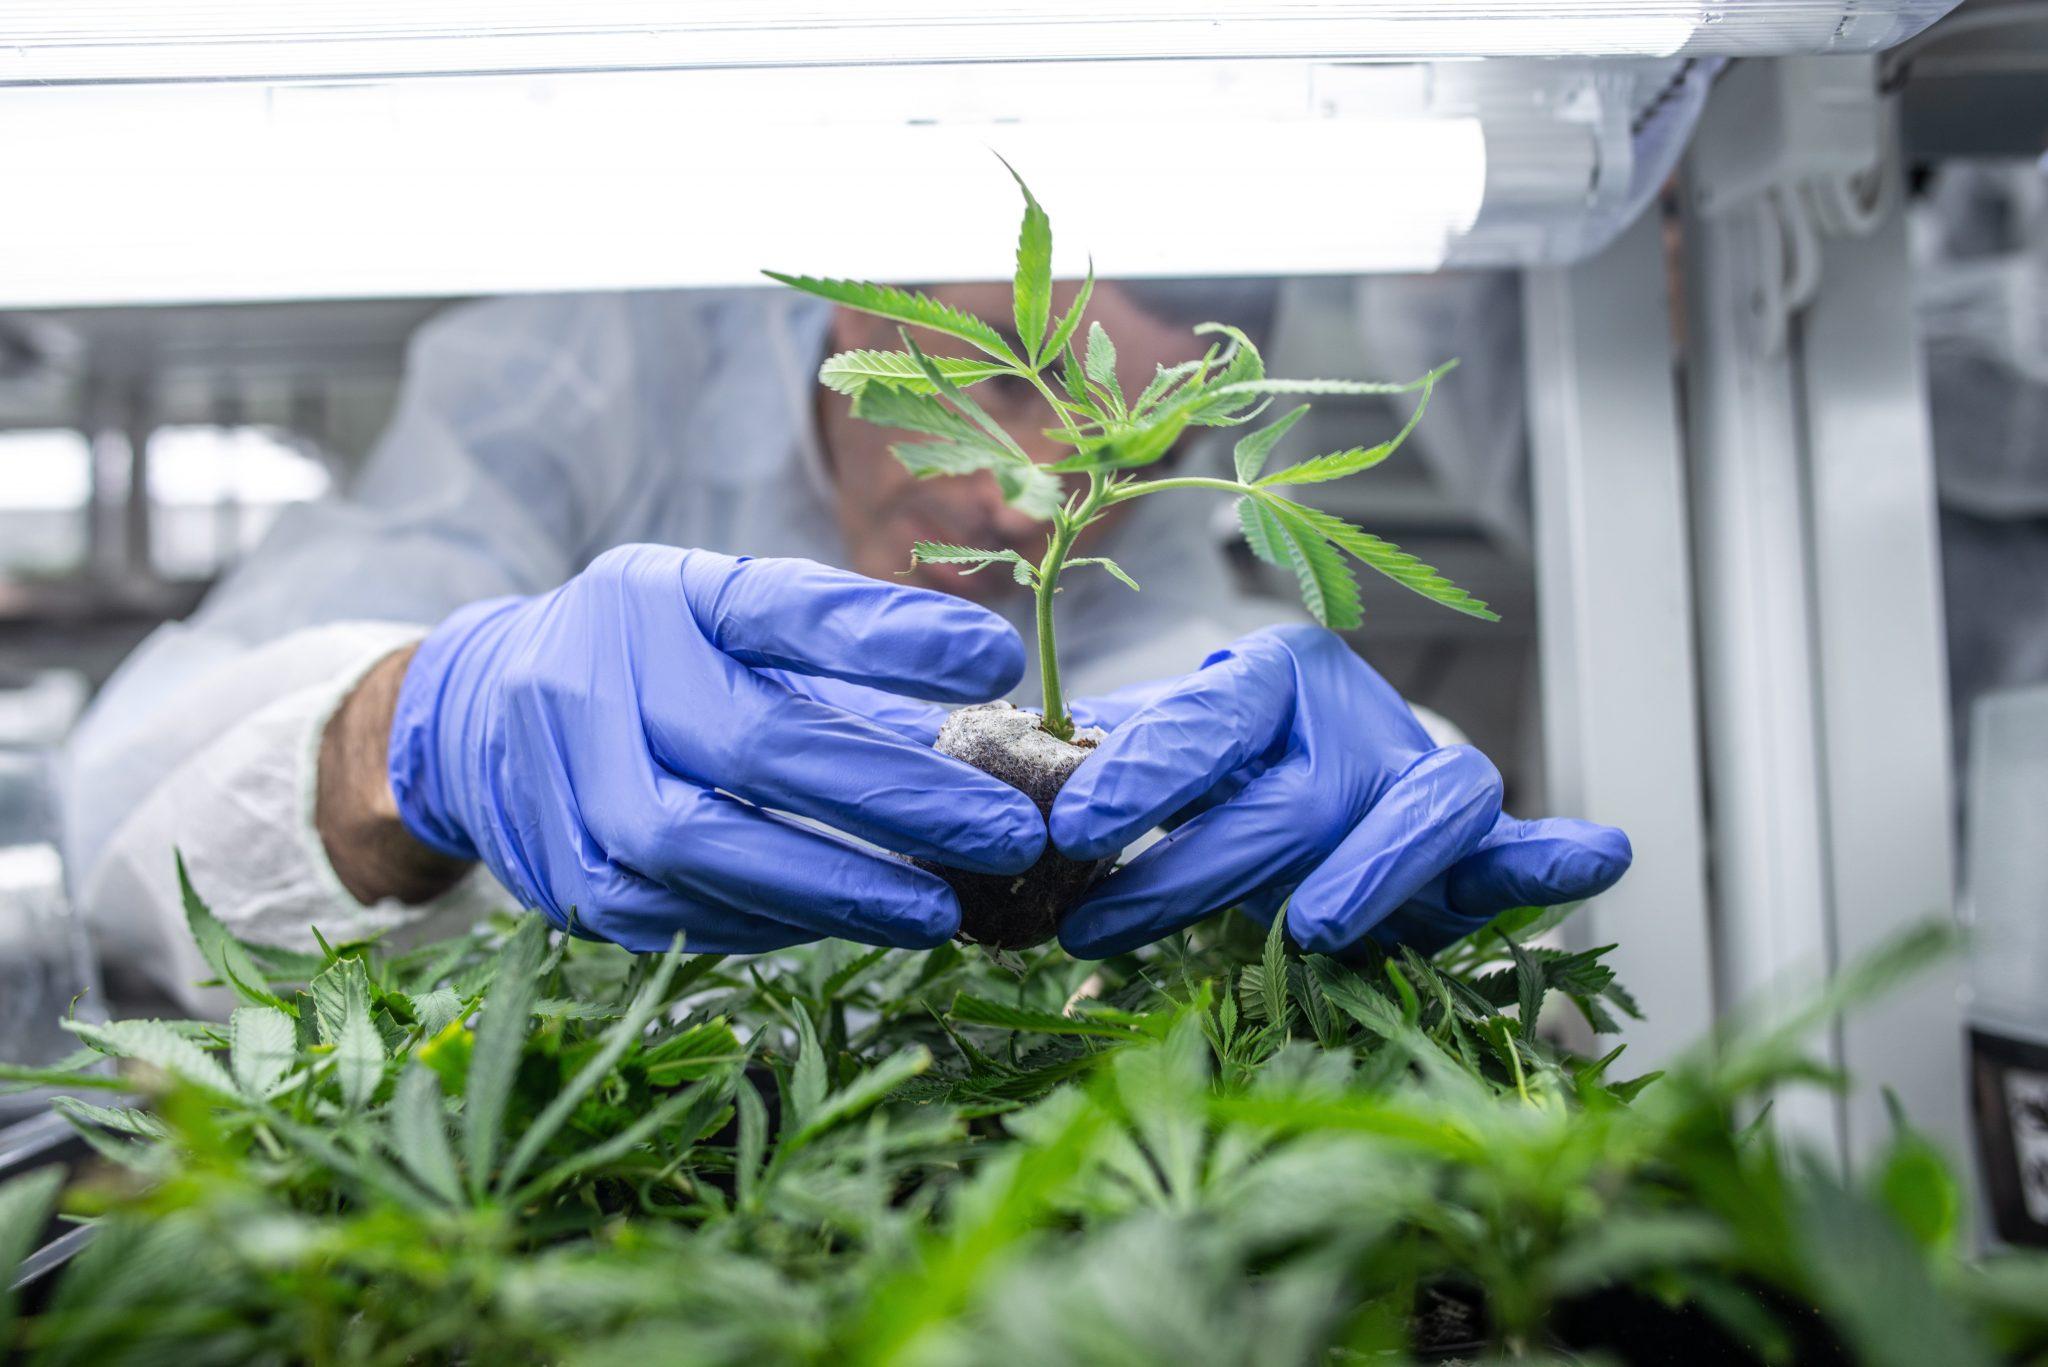 Gov't Still Opposes Medical Marijuana Despite European Tendencies